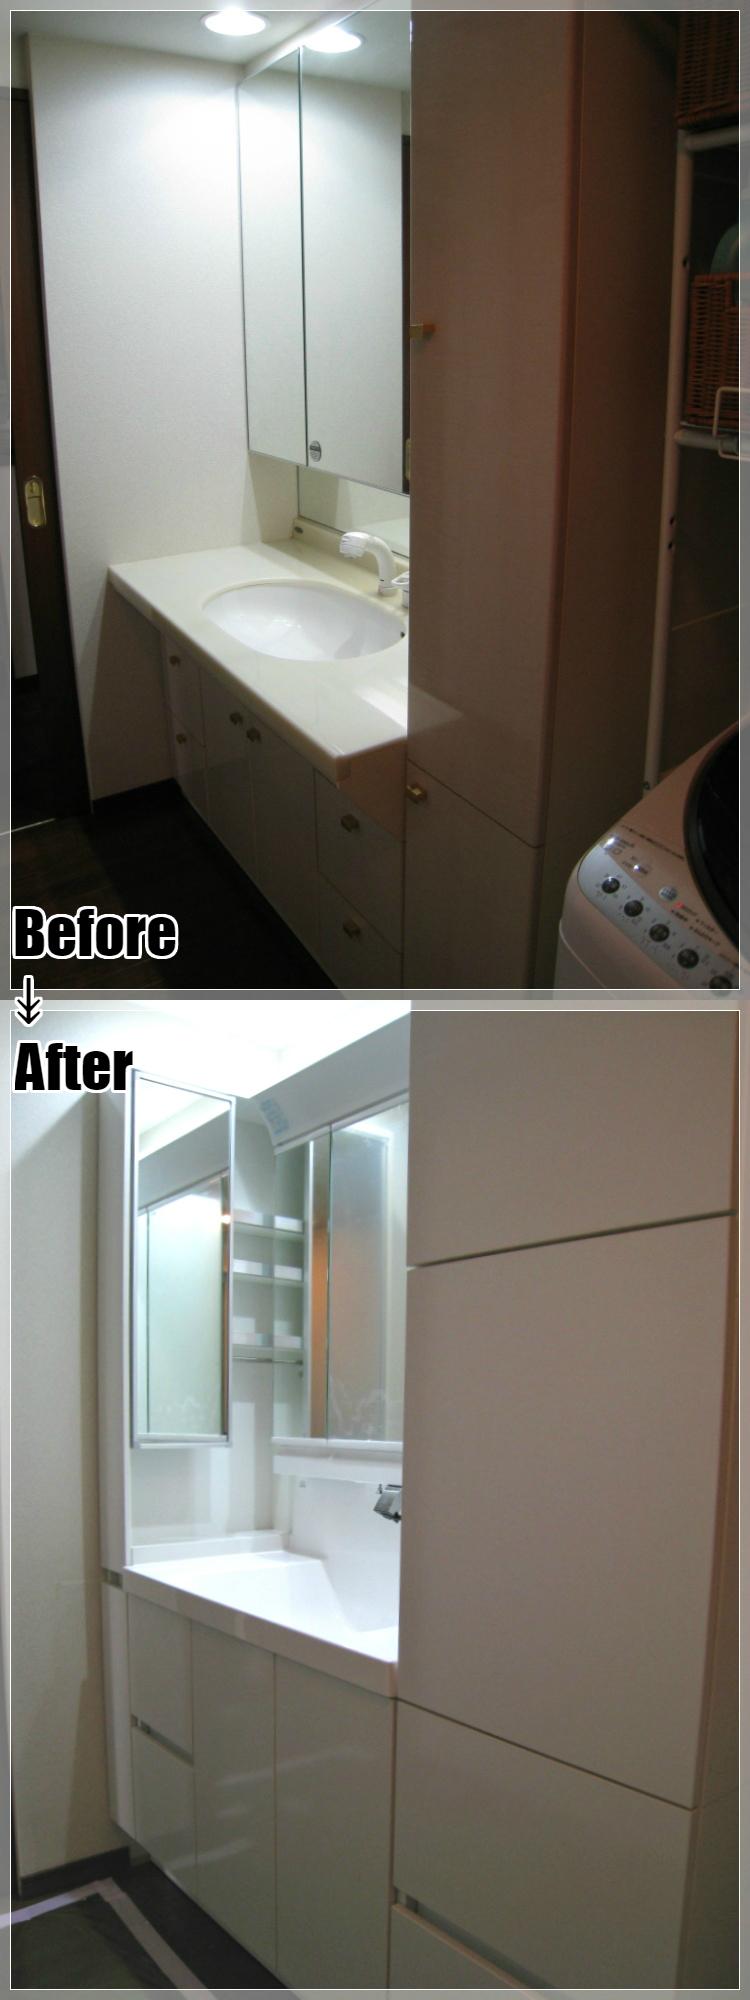 マンションリフォームの施工事例 Case.13 洗面化粧台